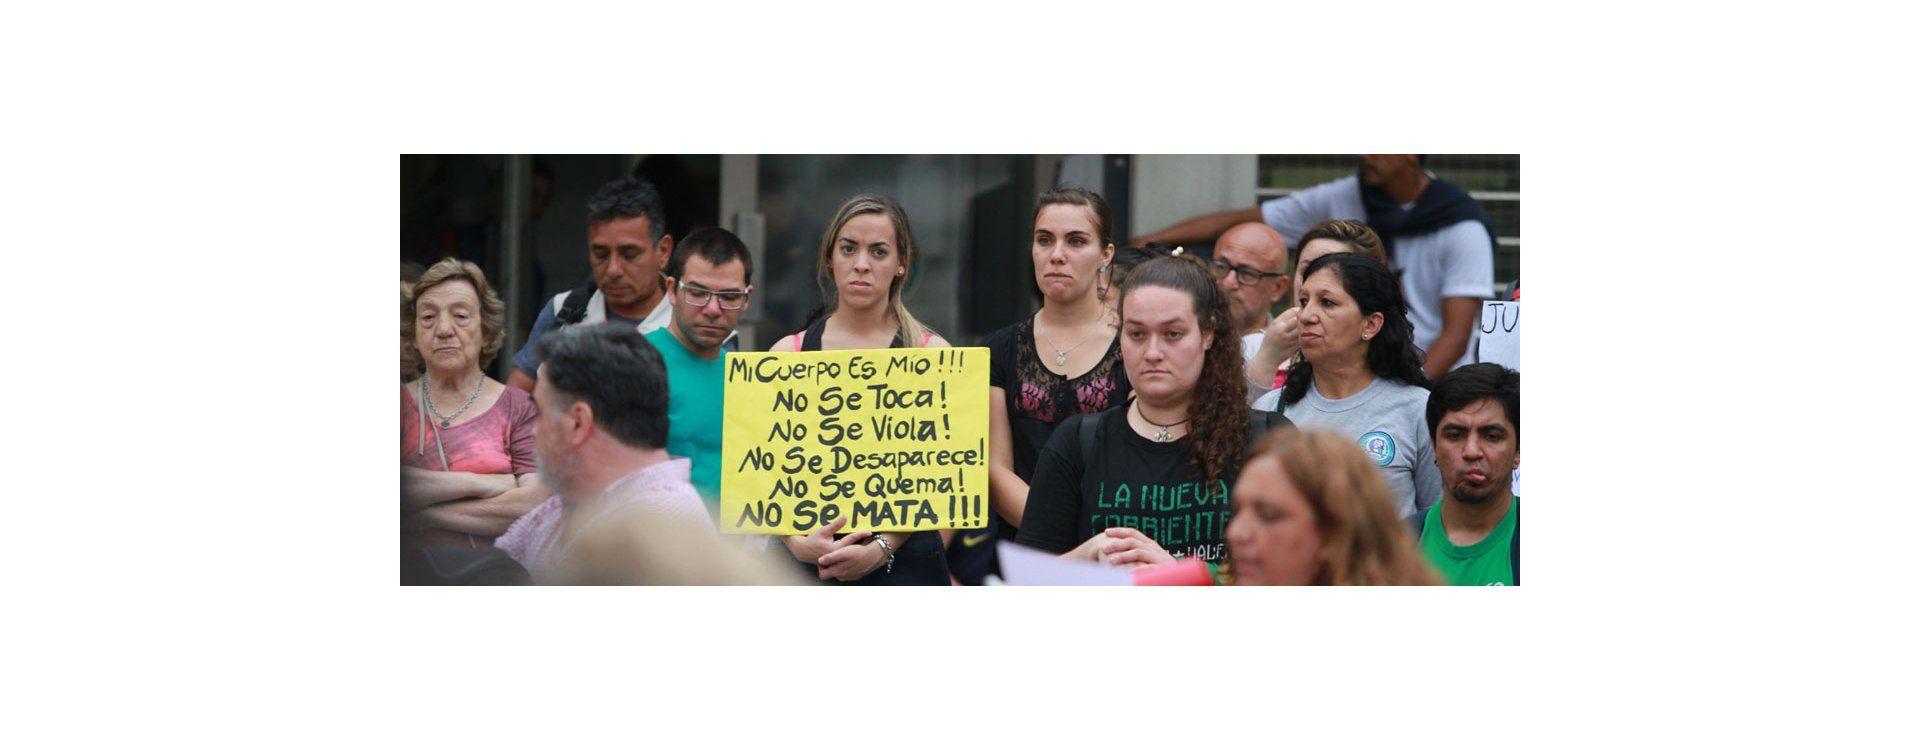 Paraná volvió a gritar Ni una menos